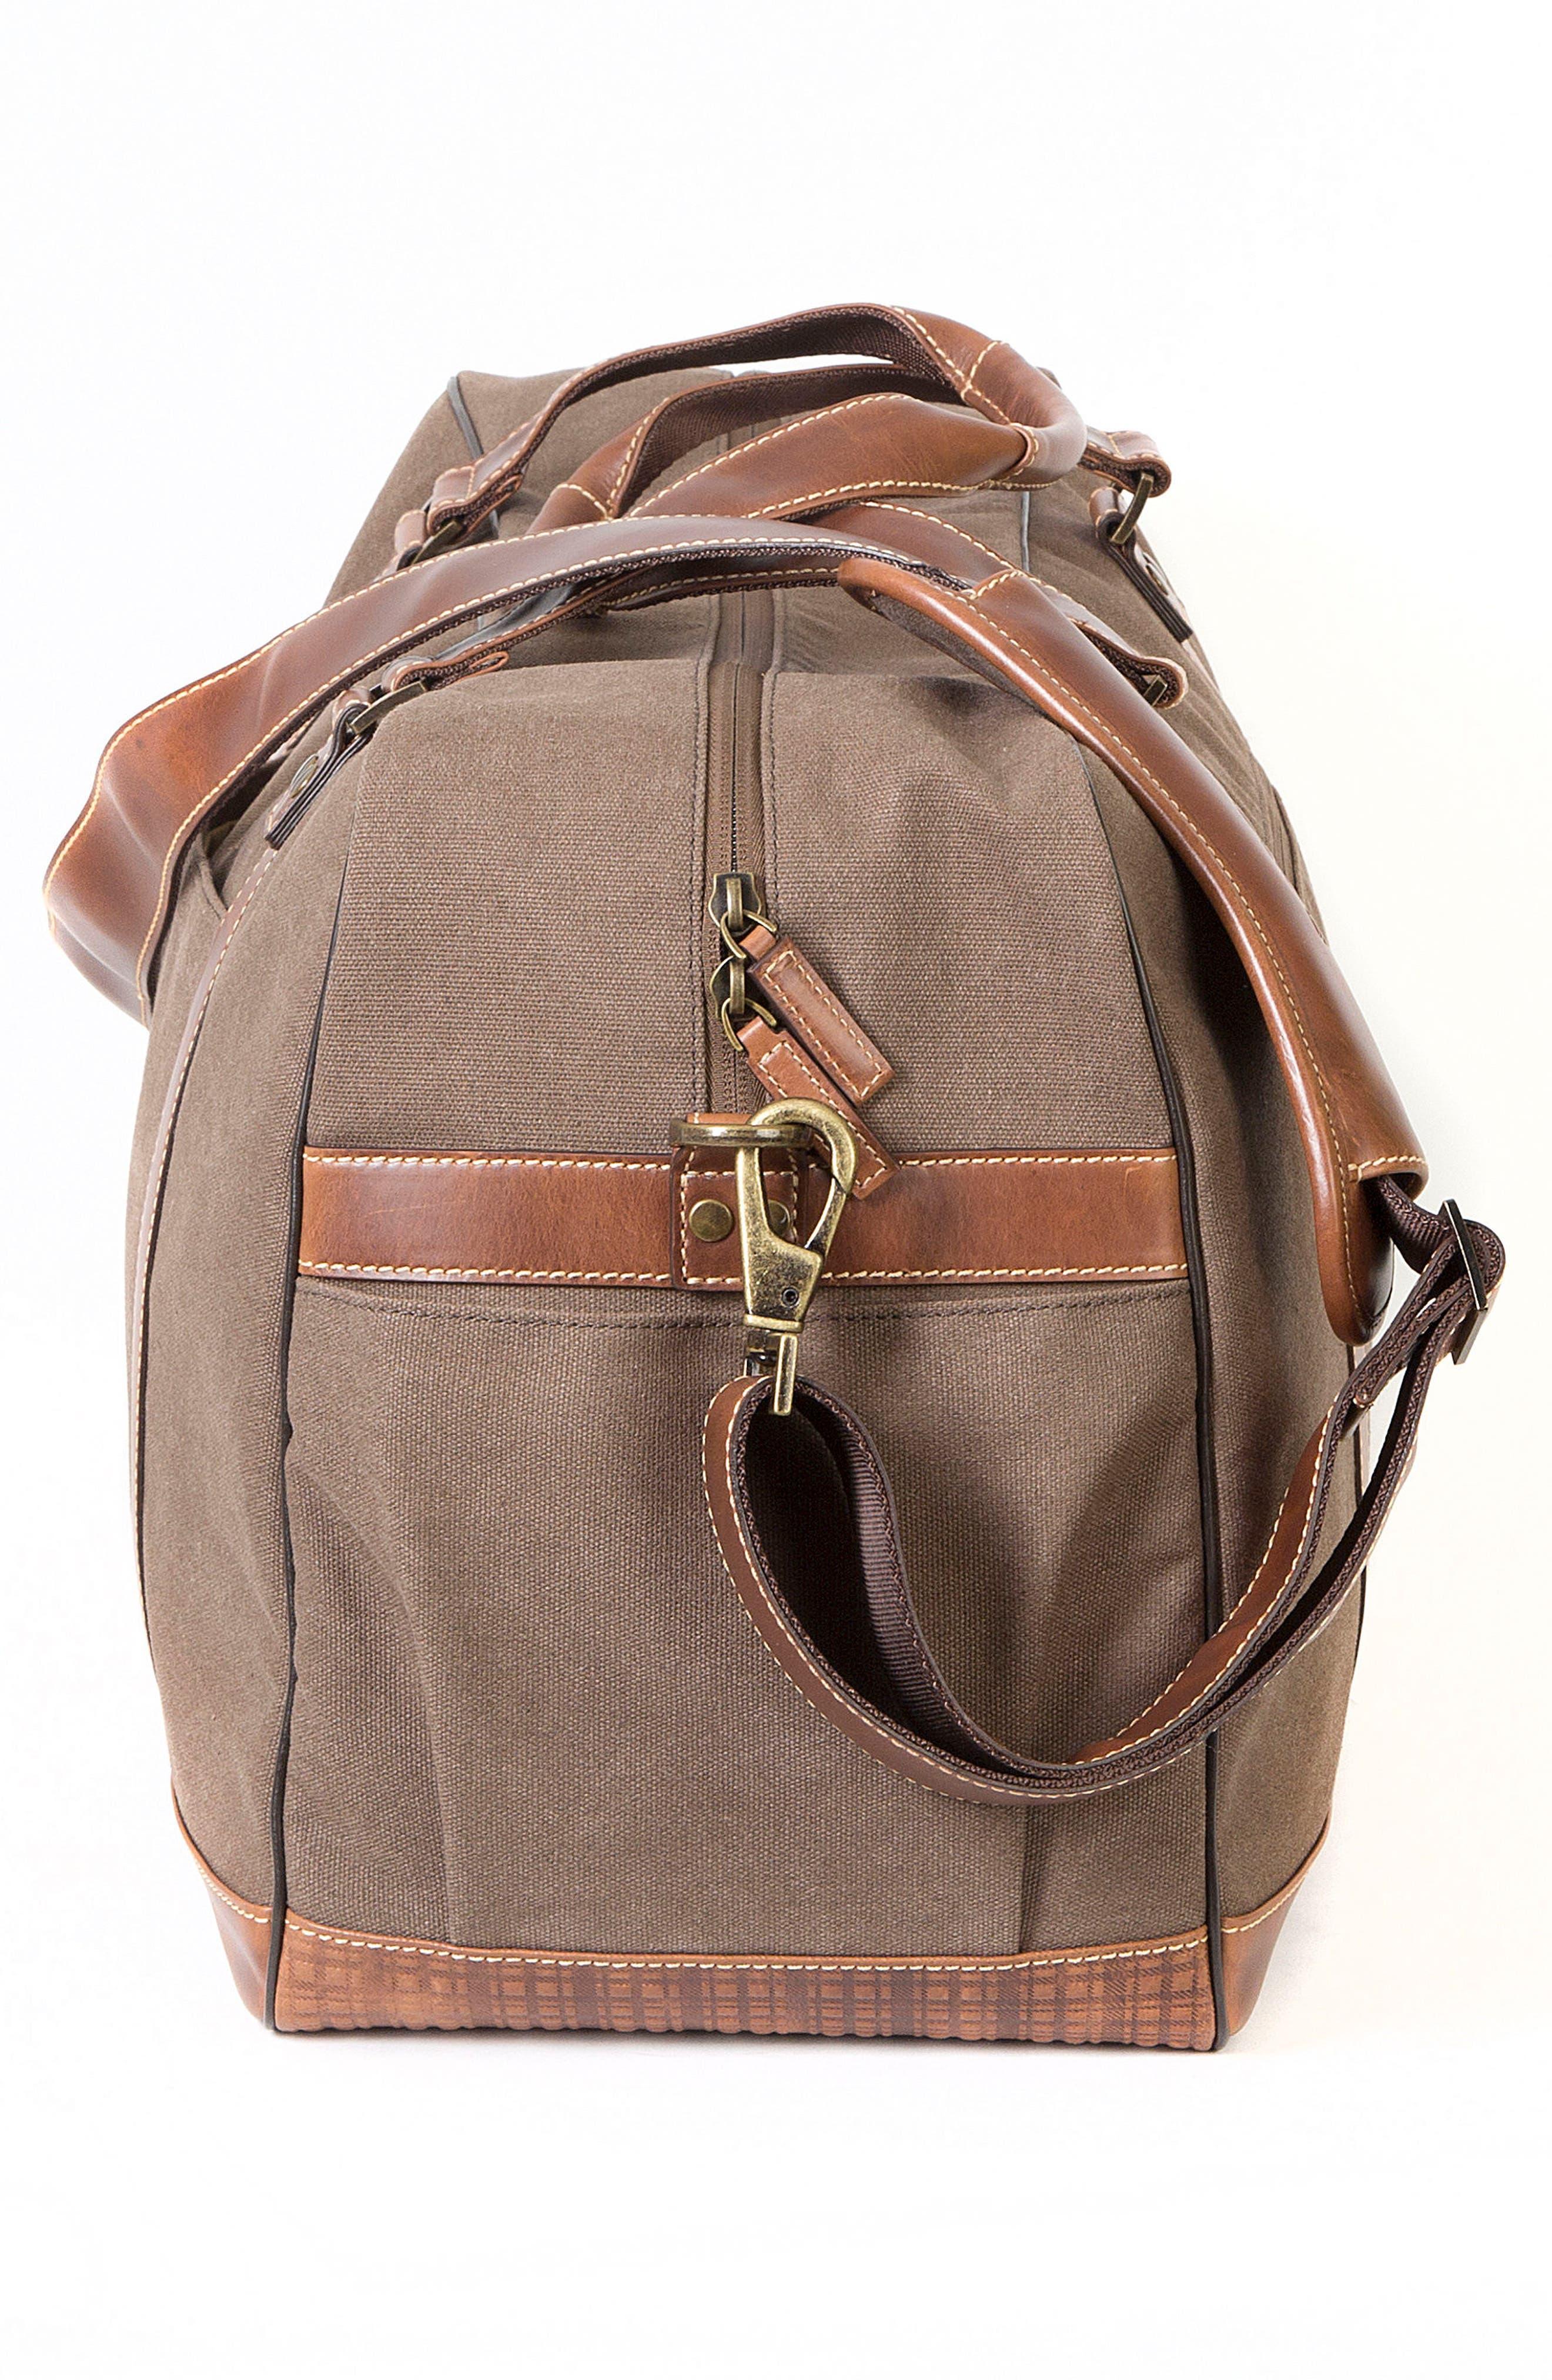 Bryant LTE Getaway Duffel Bag,                             Alternate thumbnail 4, color,                             Antique Mahogany/ Brown